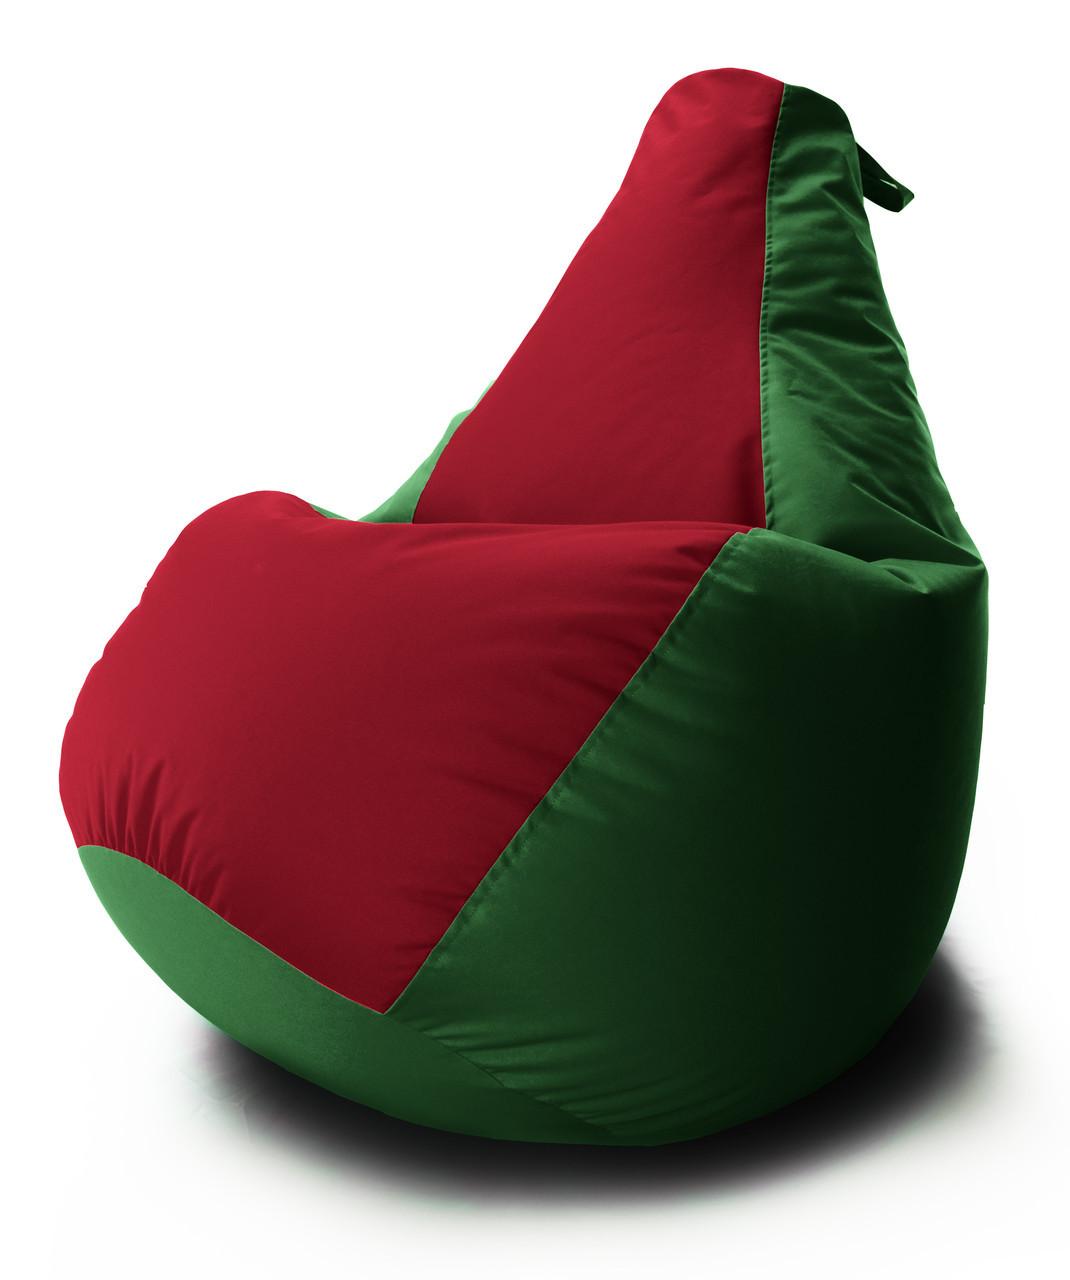 Велике Крісло-мішок груша Комбі. Оксфорд 300 D 90*130 див. З Додатковим чохлом